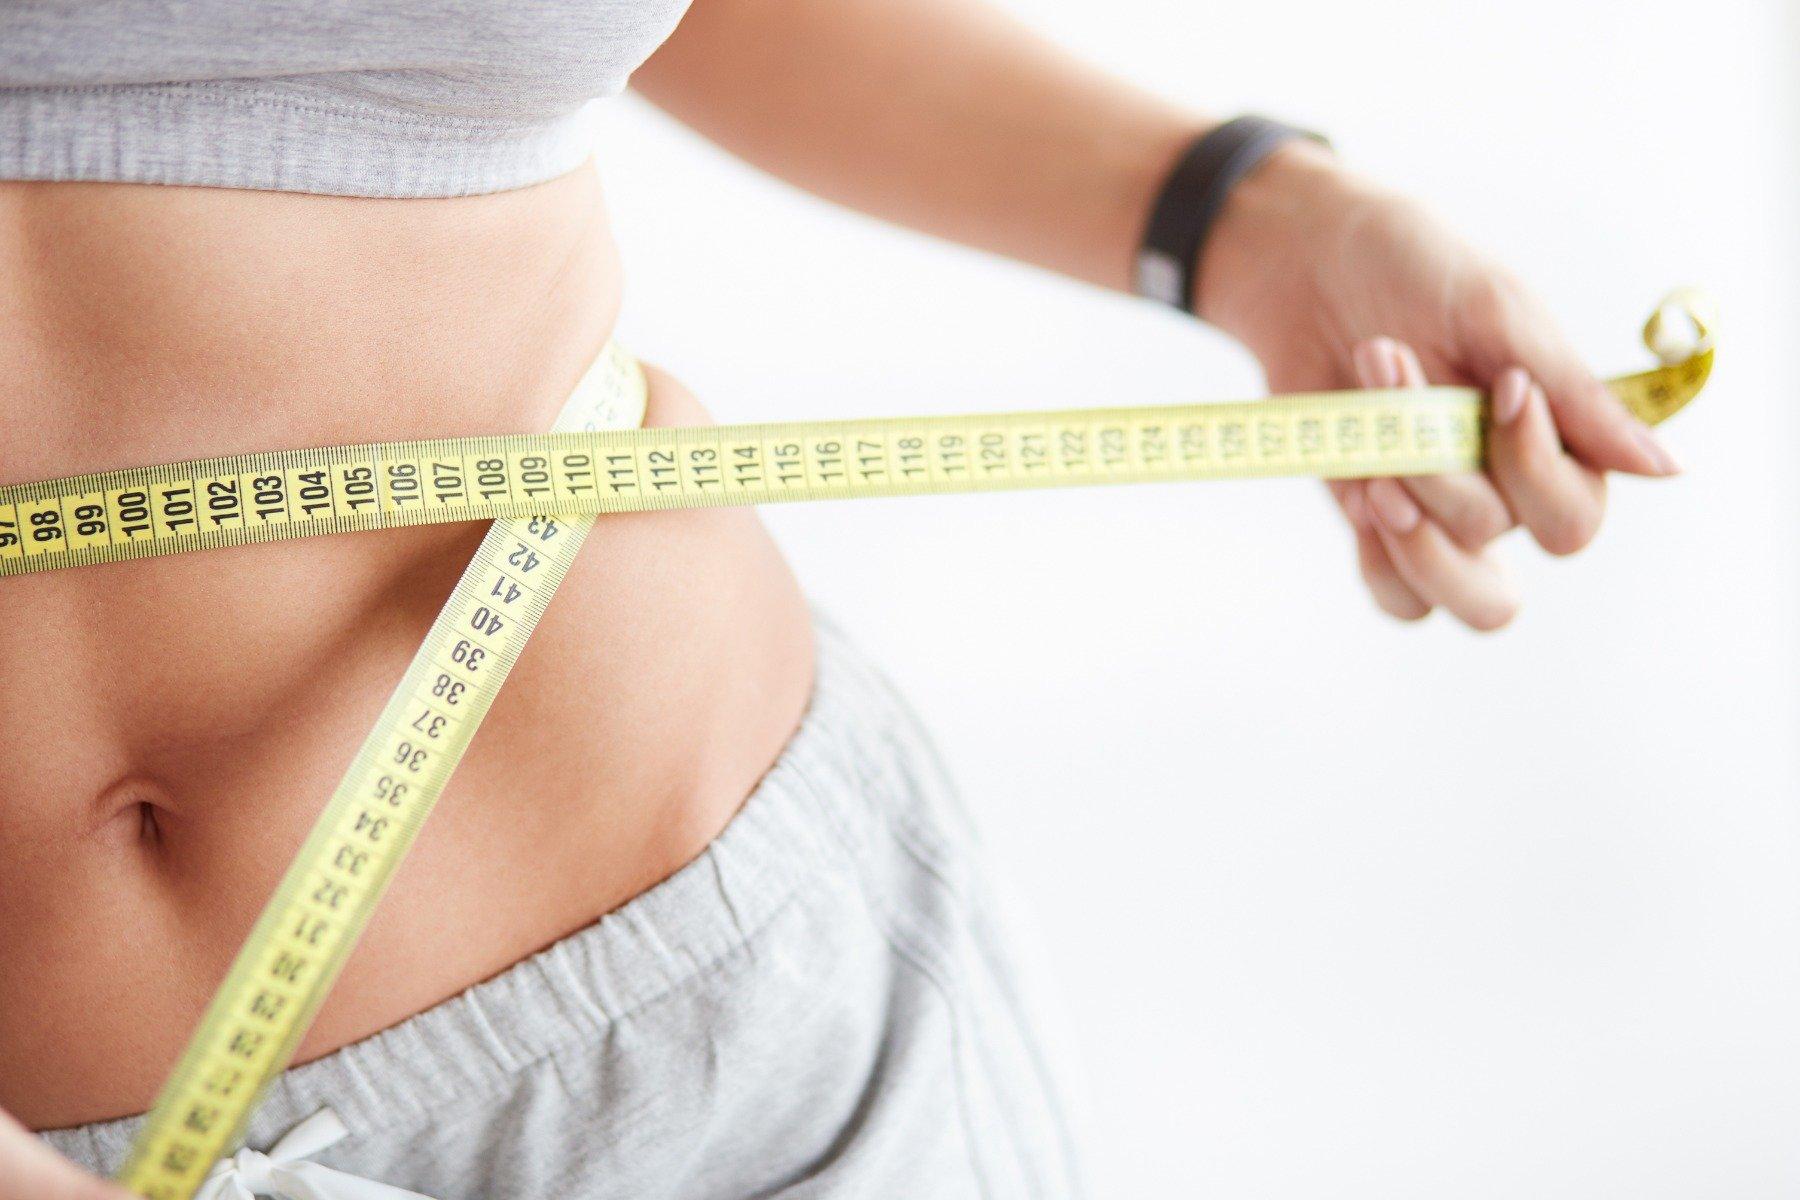 hogyan kell használni a koffeint a zsírégetésre elveszíti az utolsó 5 kiló zsírt